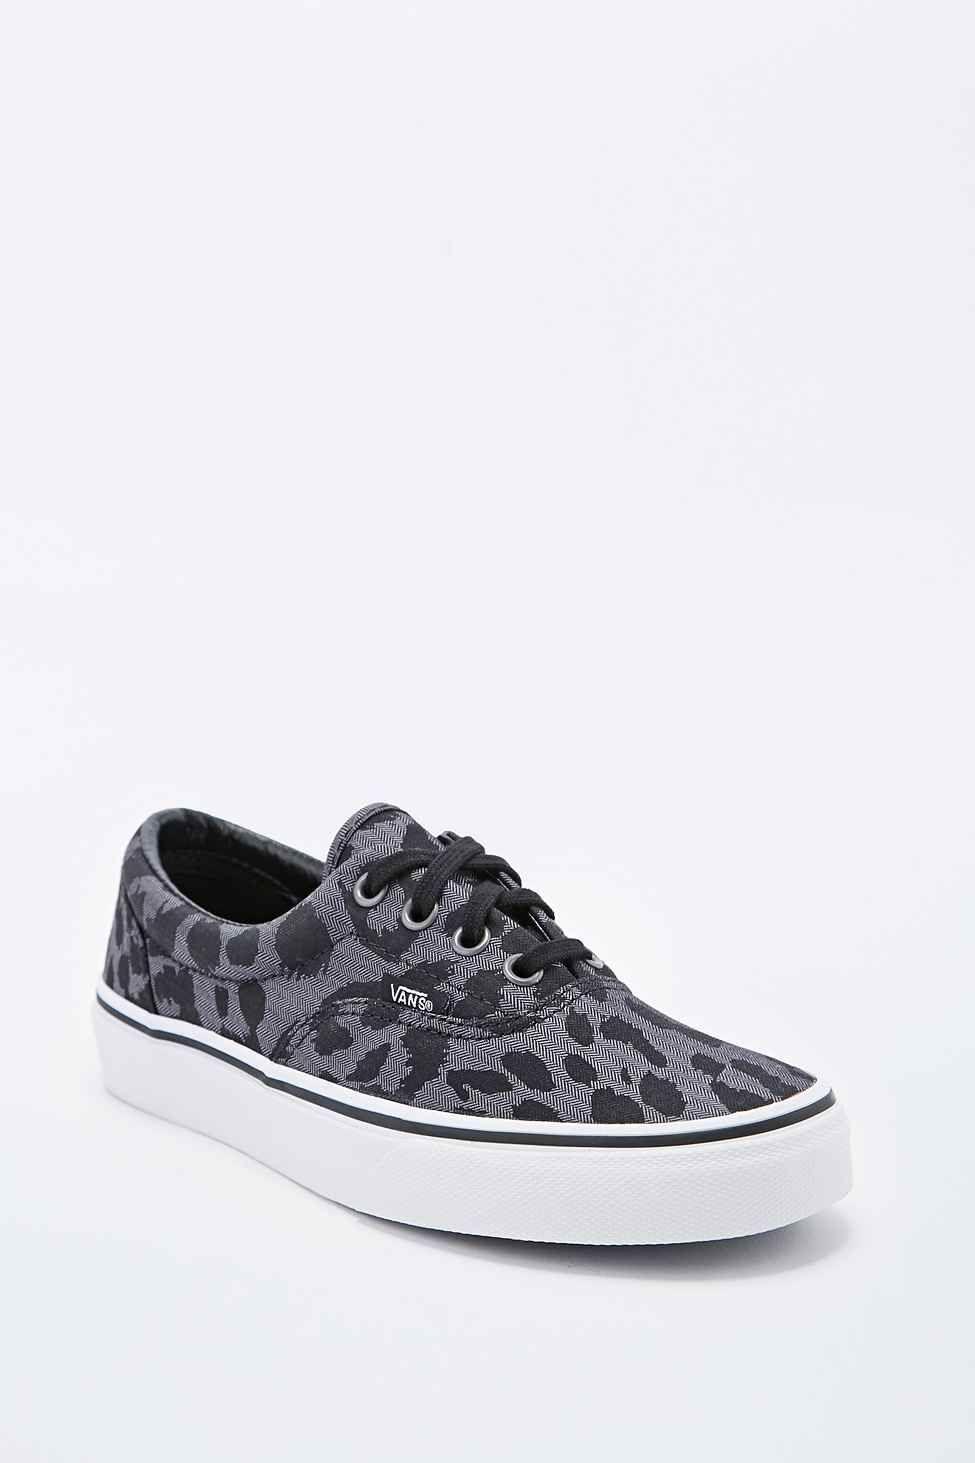 Vans Era Trainers in Leopard Grey  9f63f595099b